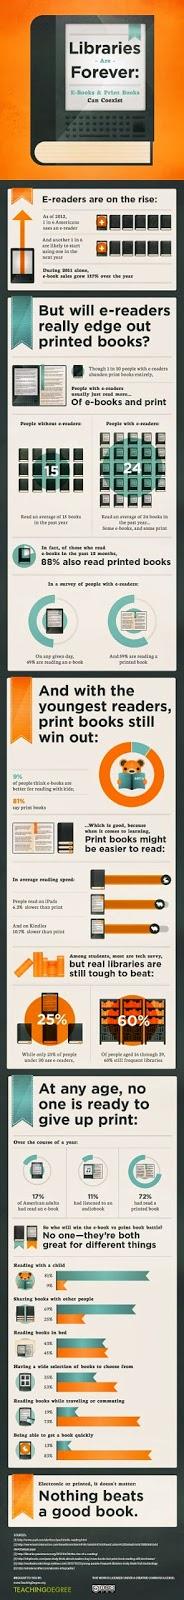 Biblioteca camilo castelo branco vr ebooks o impacto dos ebooks na motivao e nas competncias de leitura de crianas e jovens fandeluxe Images